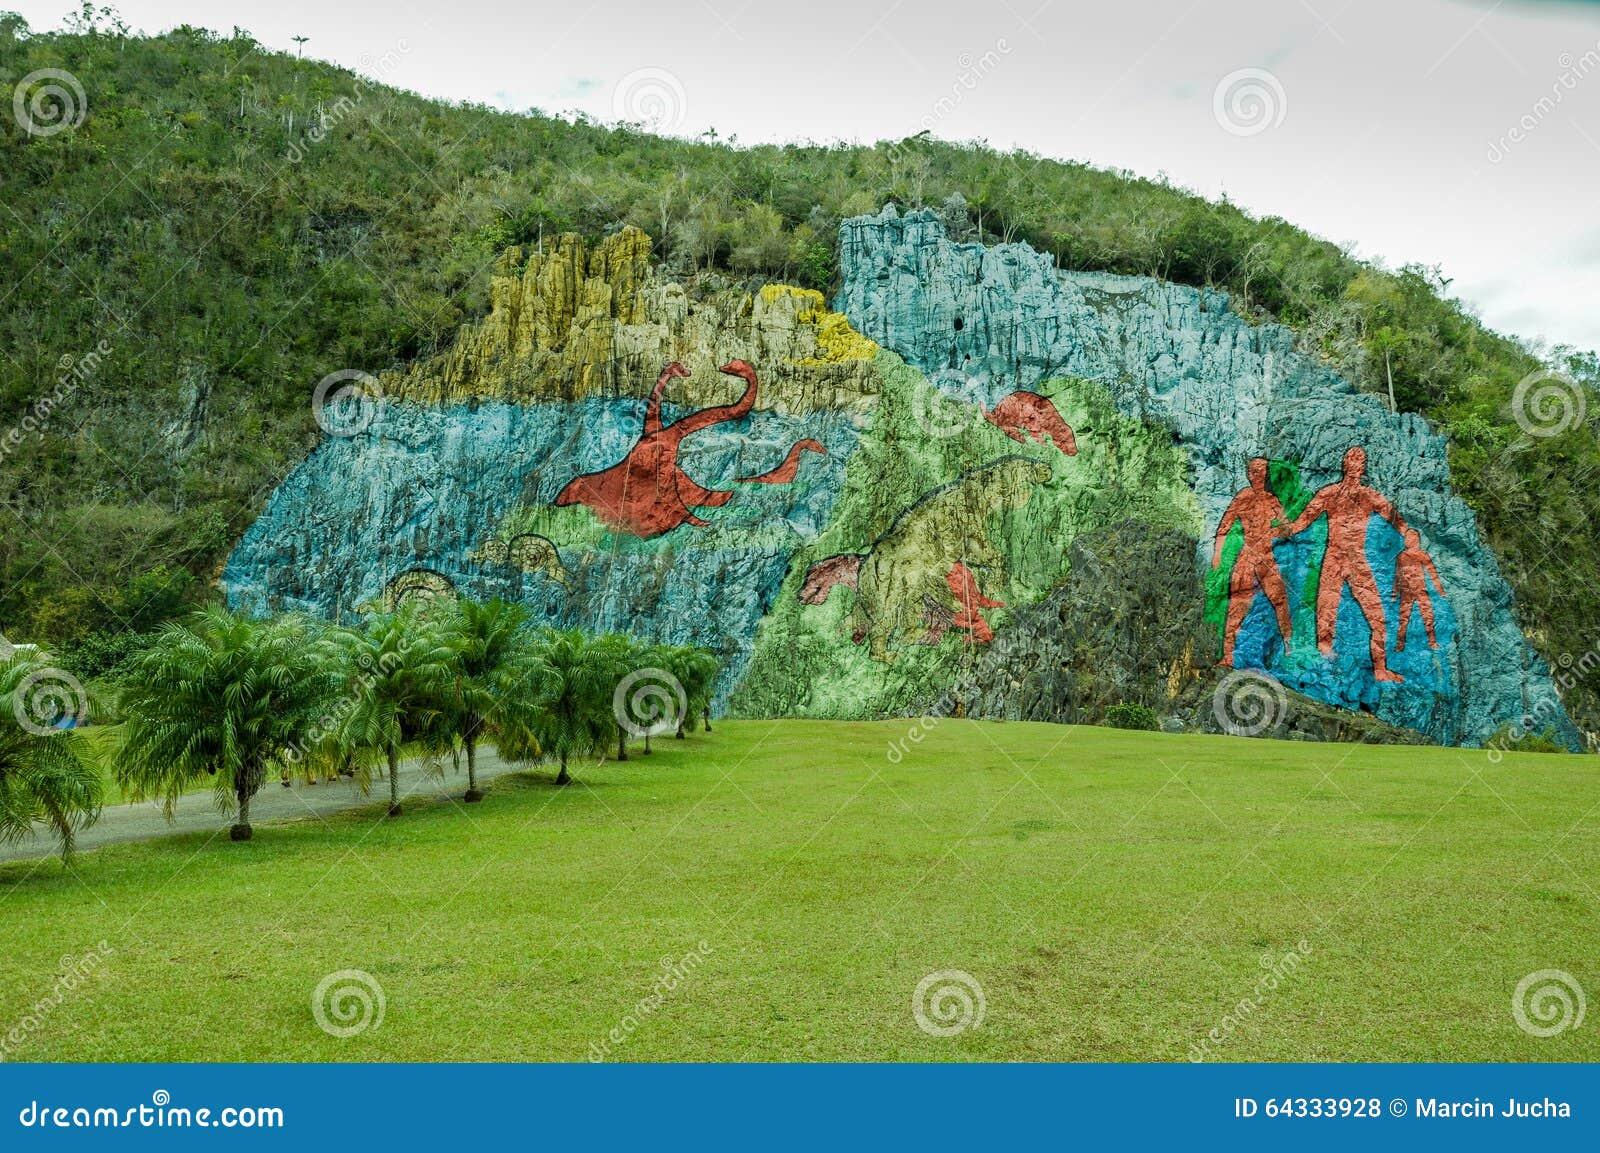 Prehistory wall in vinales cuba stock photo image 64333928 for Mural de la prehistoria